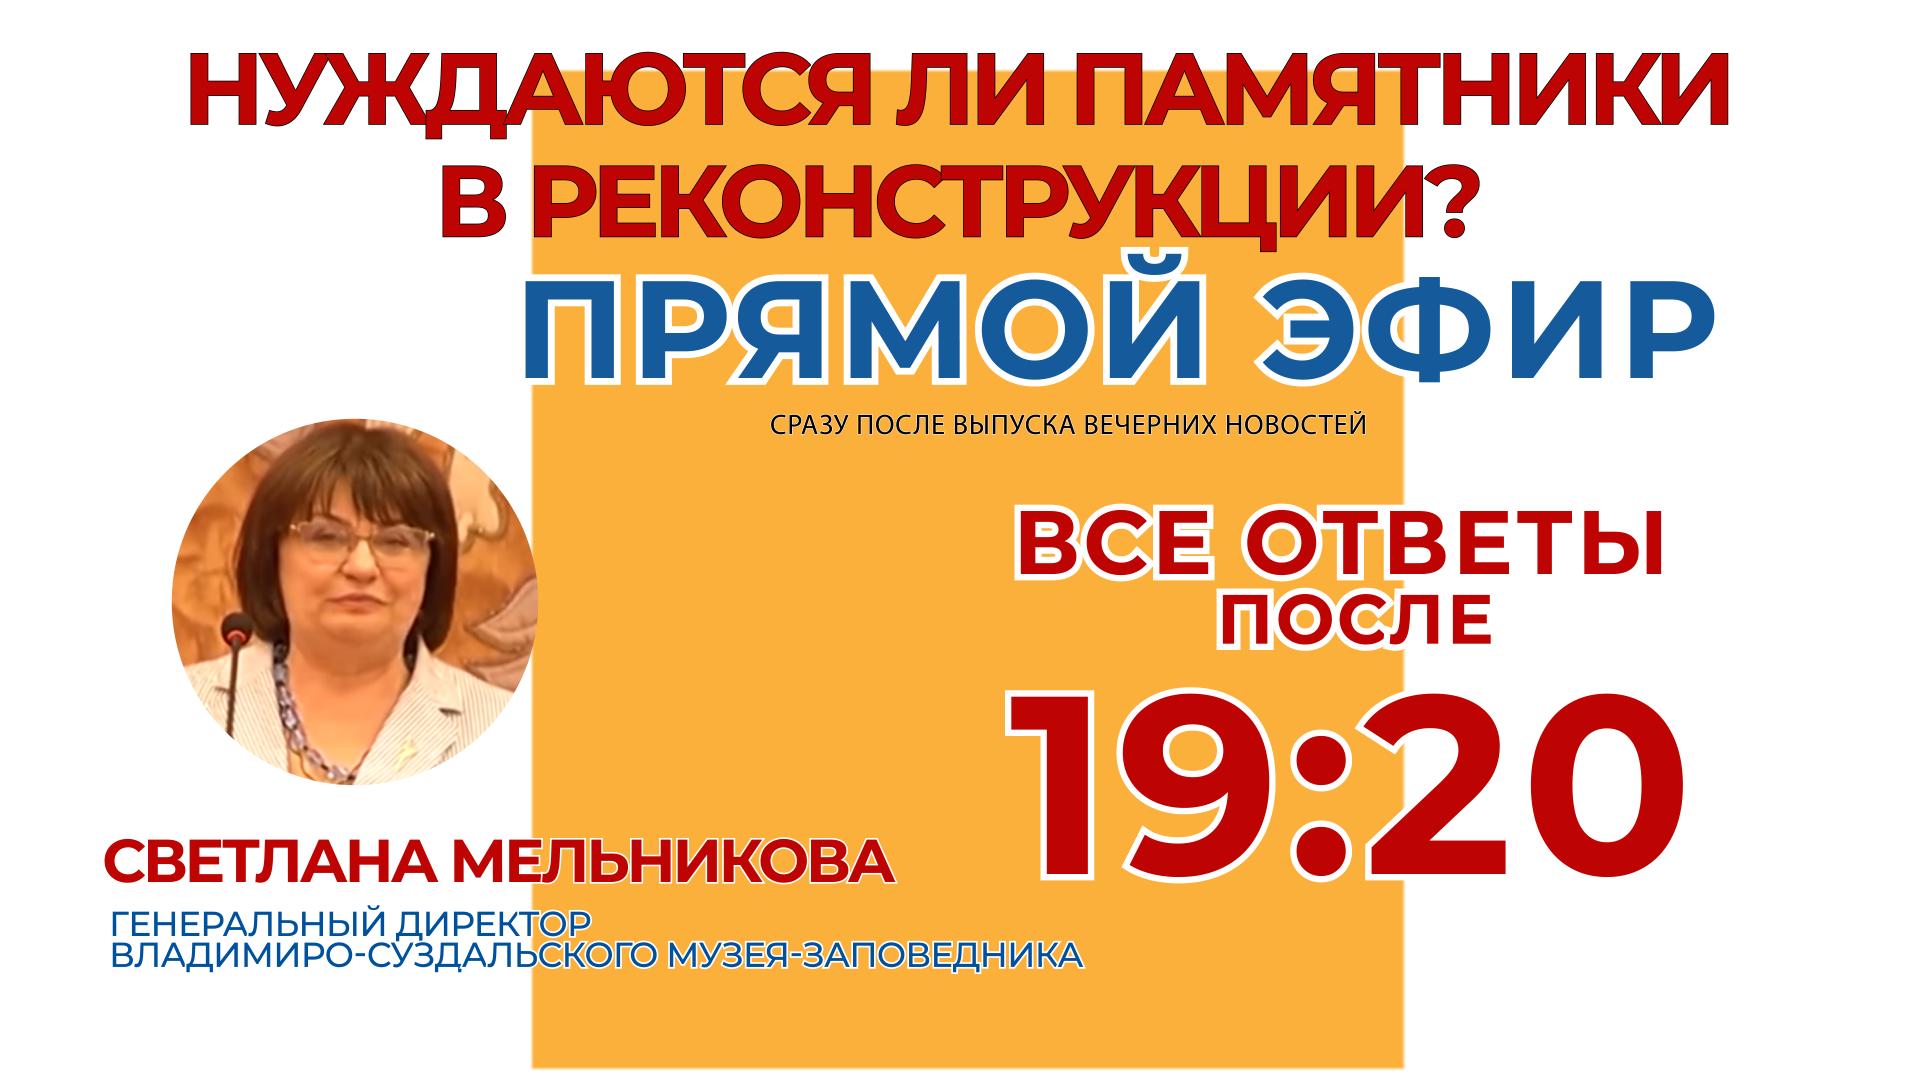 Мельникова_00000